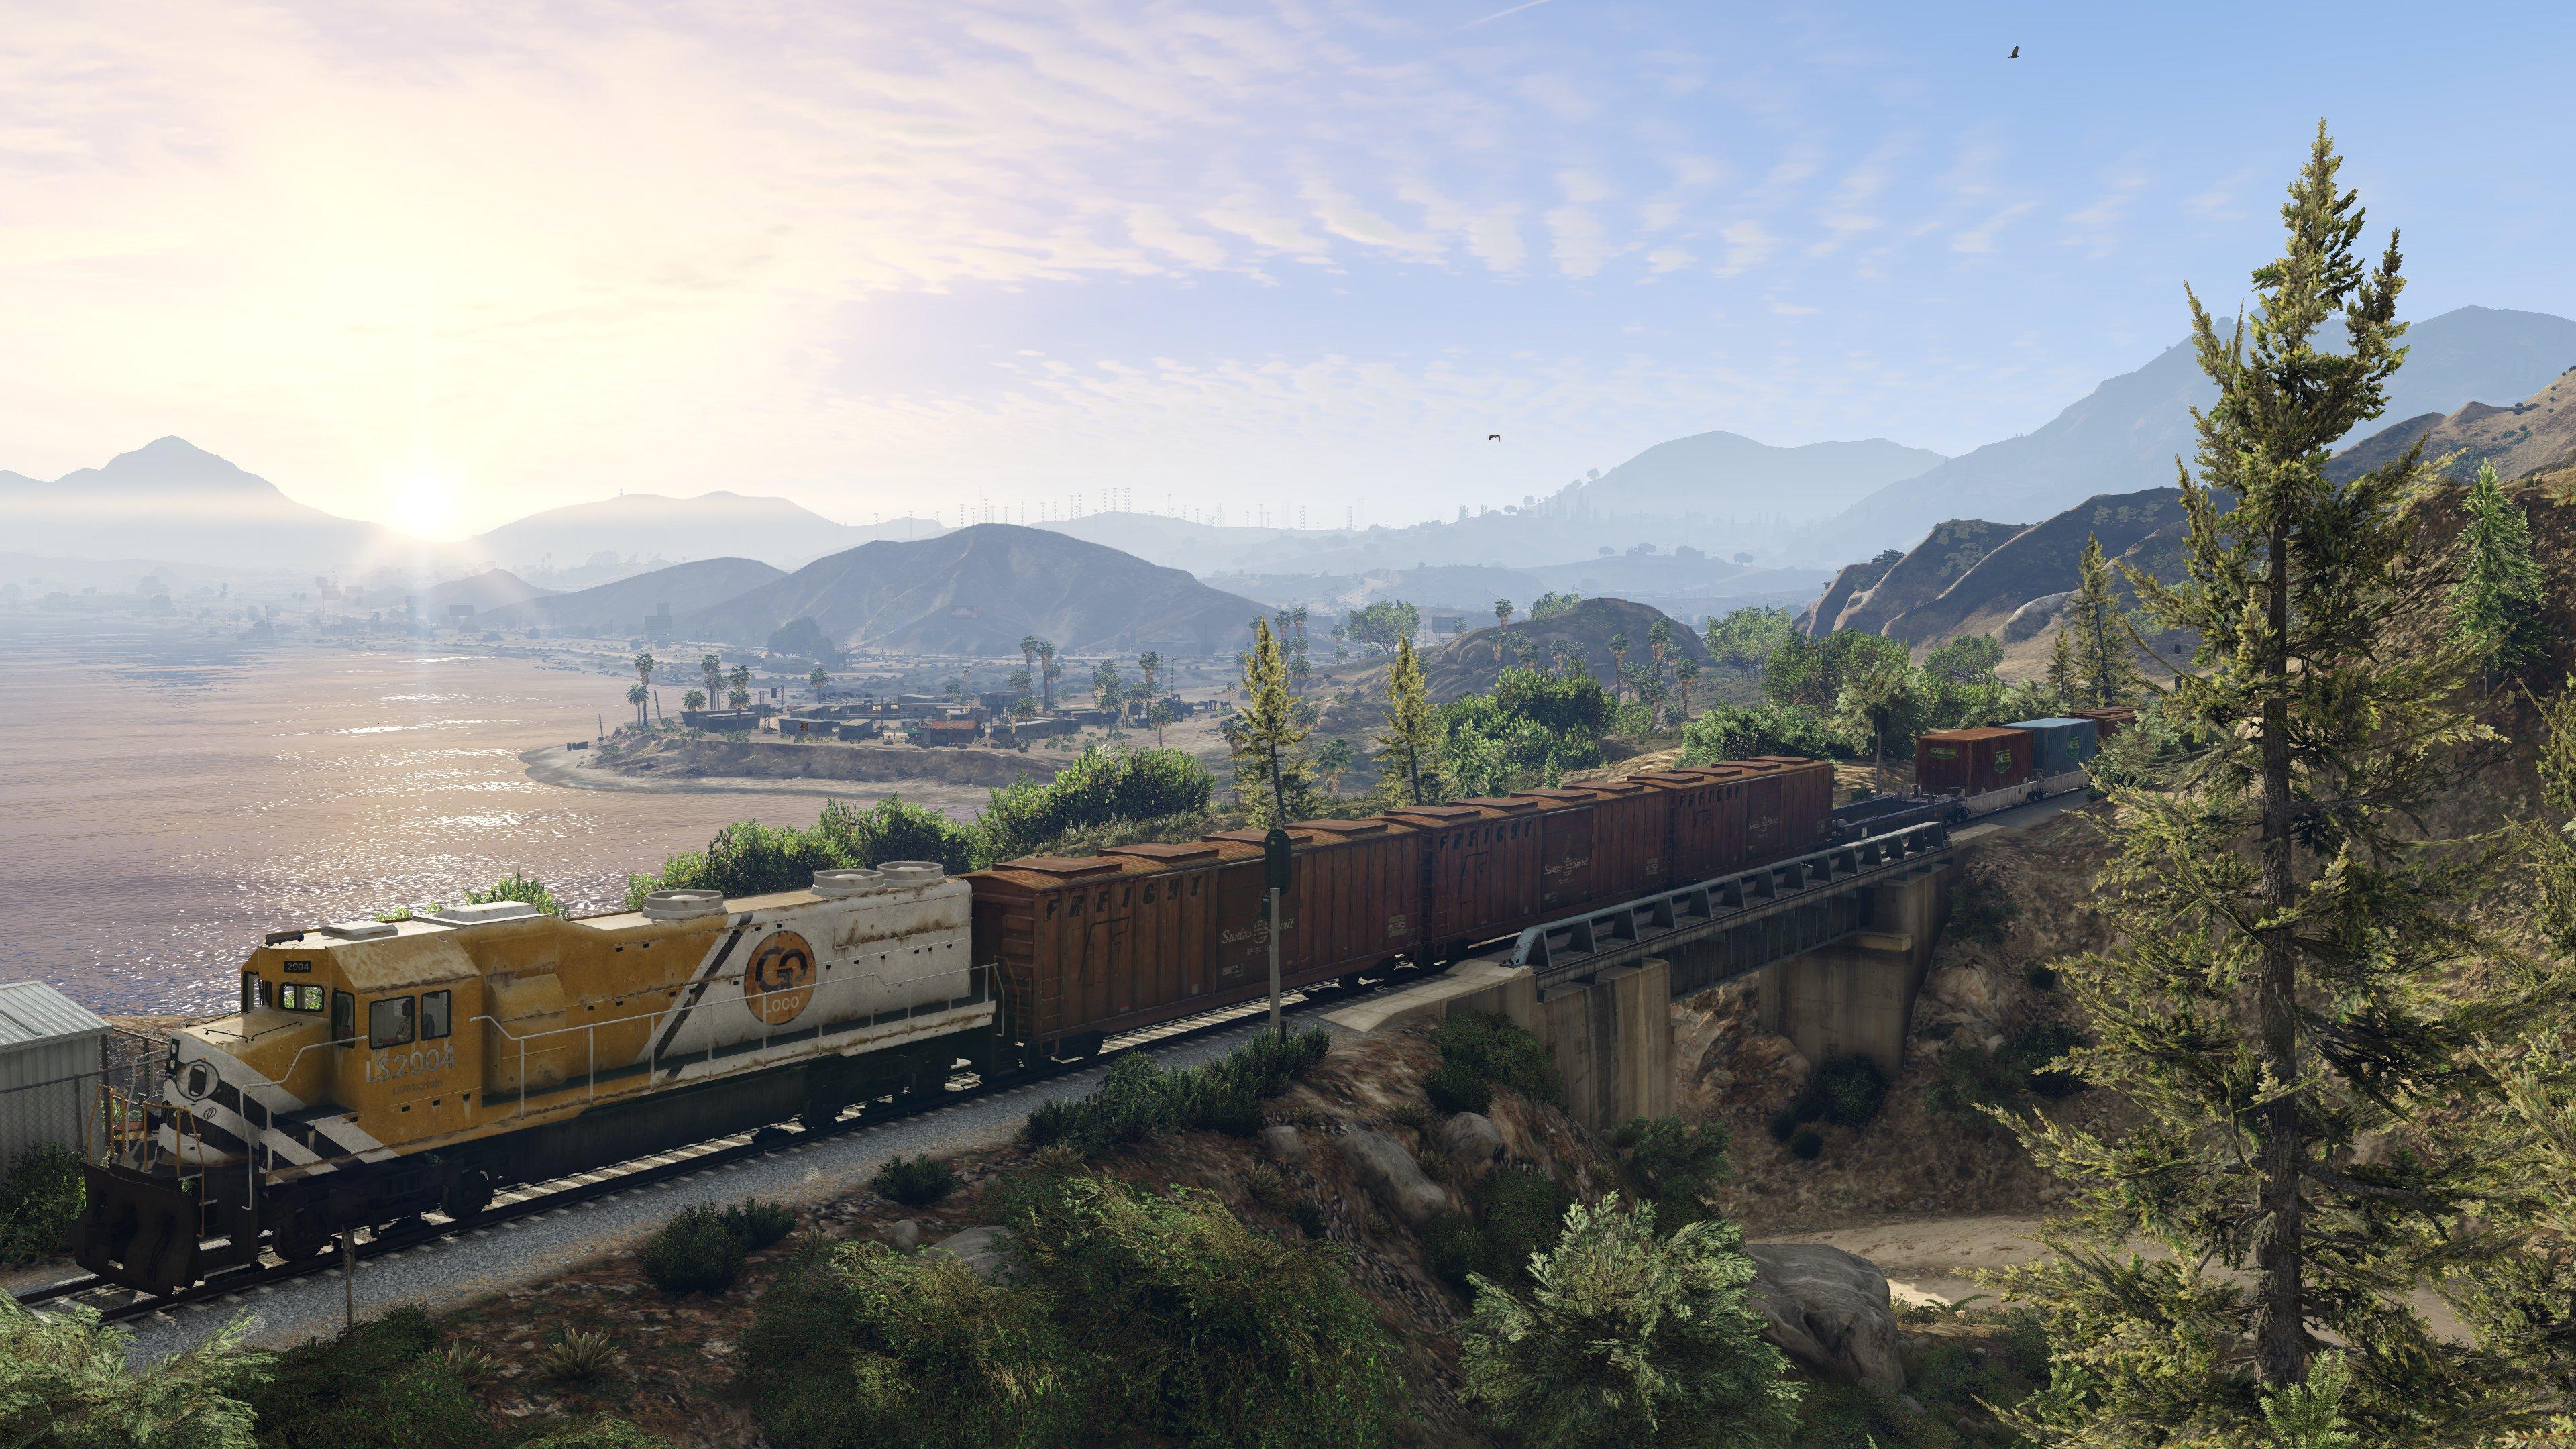 Rockstar показала новые скриншоты PC версии GTA V - Изображение 2